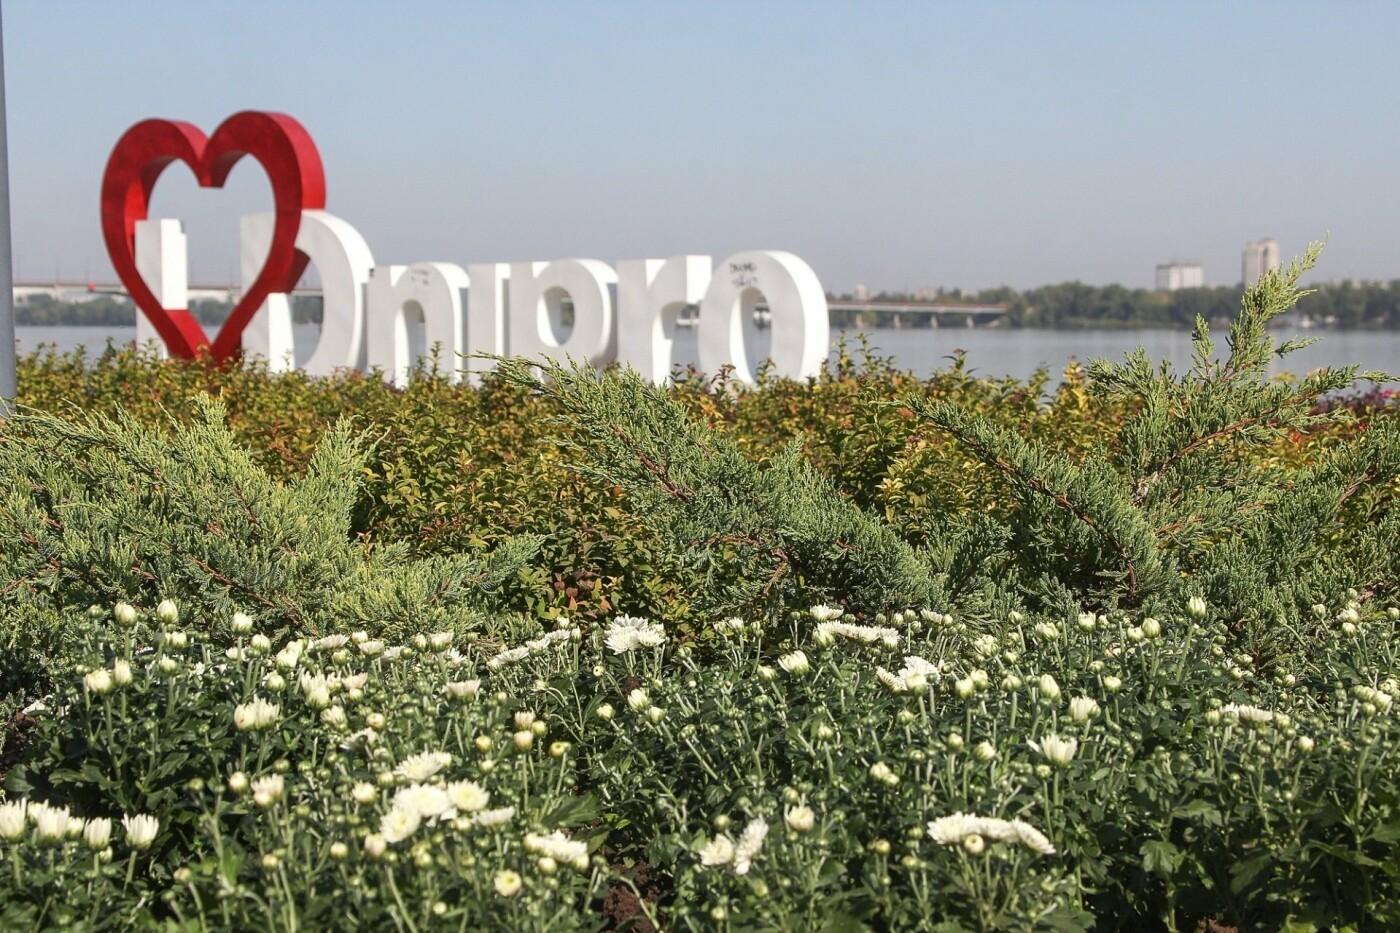 В День города в Днепре появятся тысячи клумб хризантем, - ФОТО, фото-1